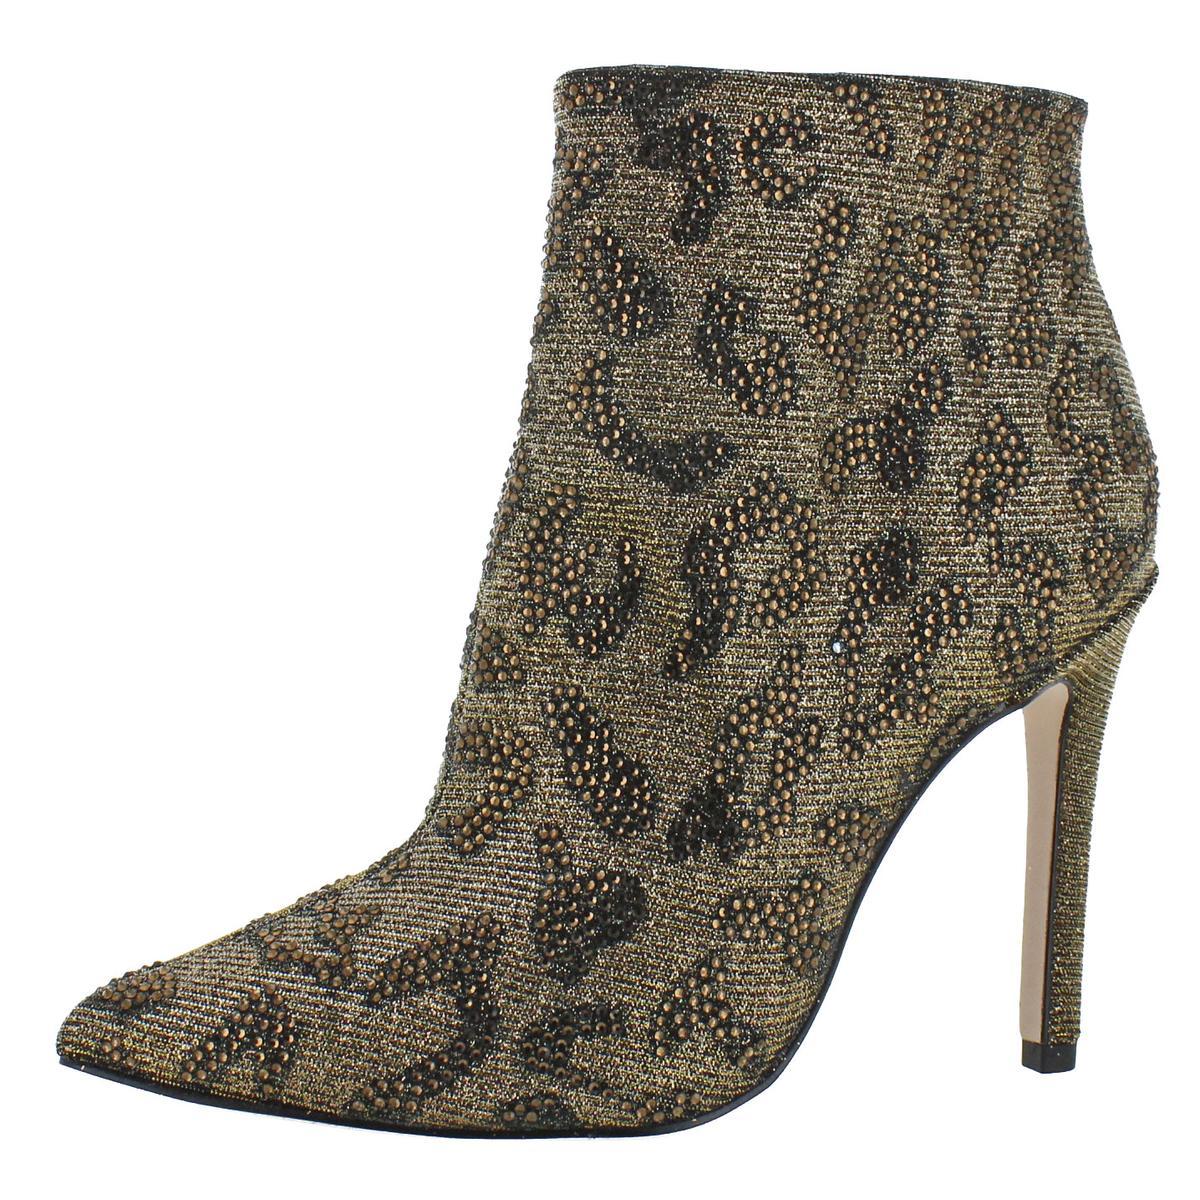 Jessica Simpson Stiefel 0772 BHFO schuhe Ankle Stiefelie